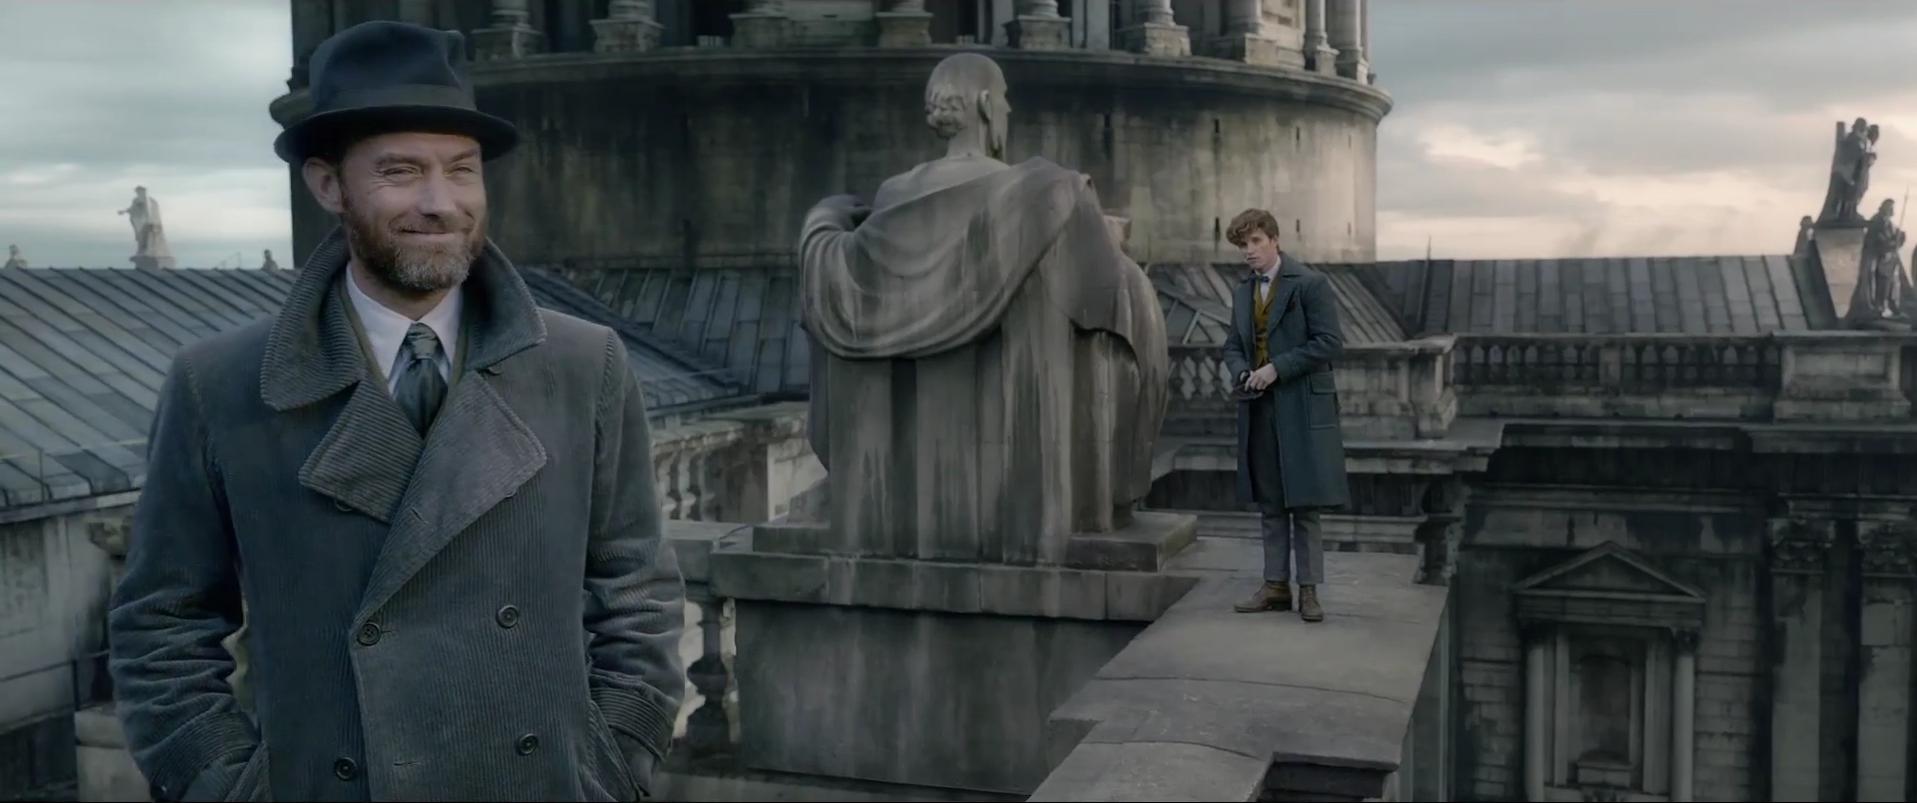 dumbledore_1_.png